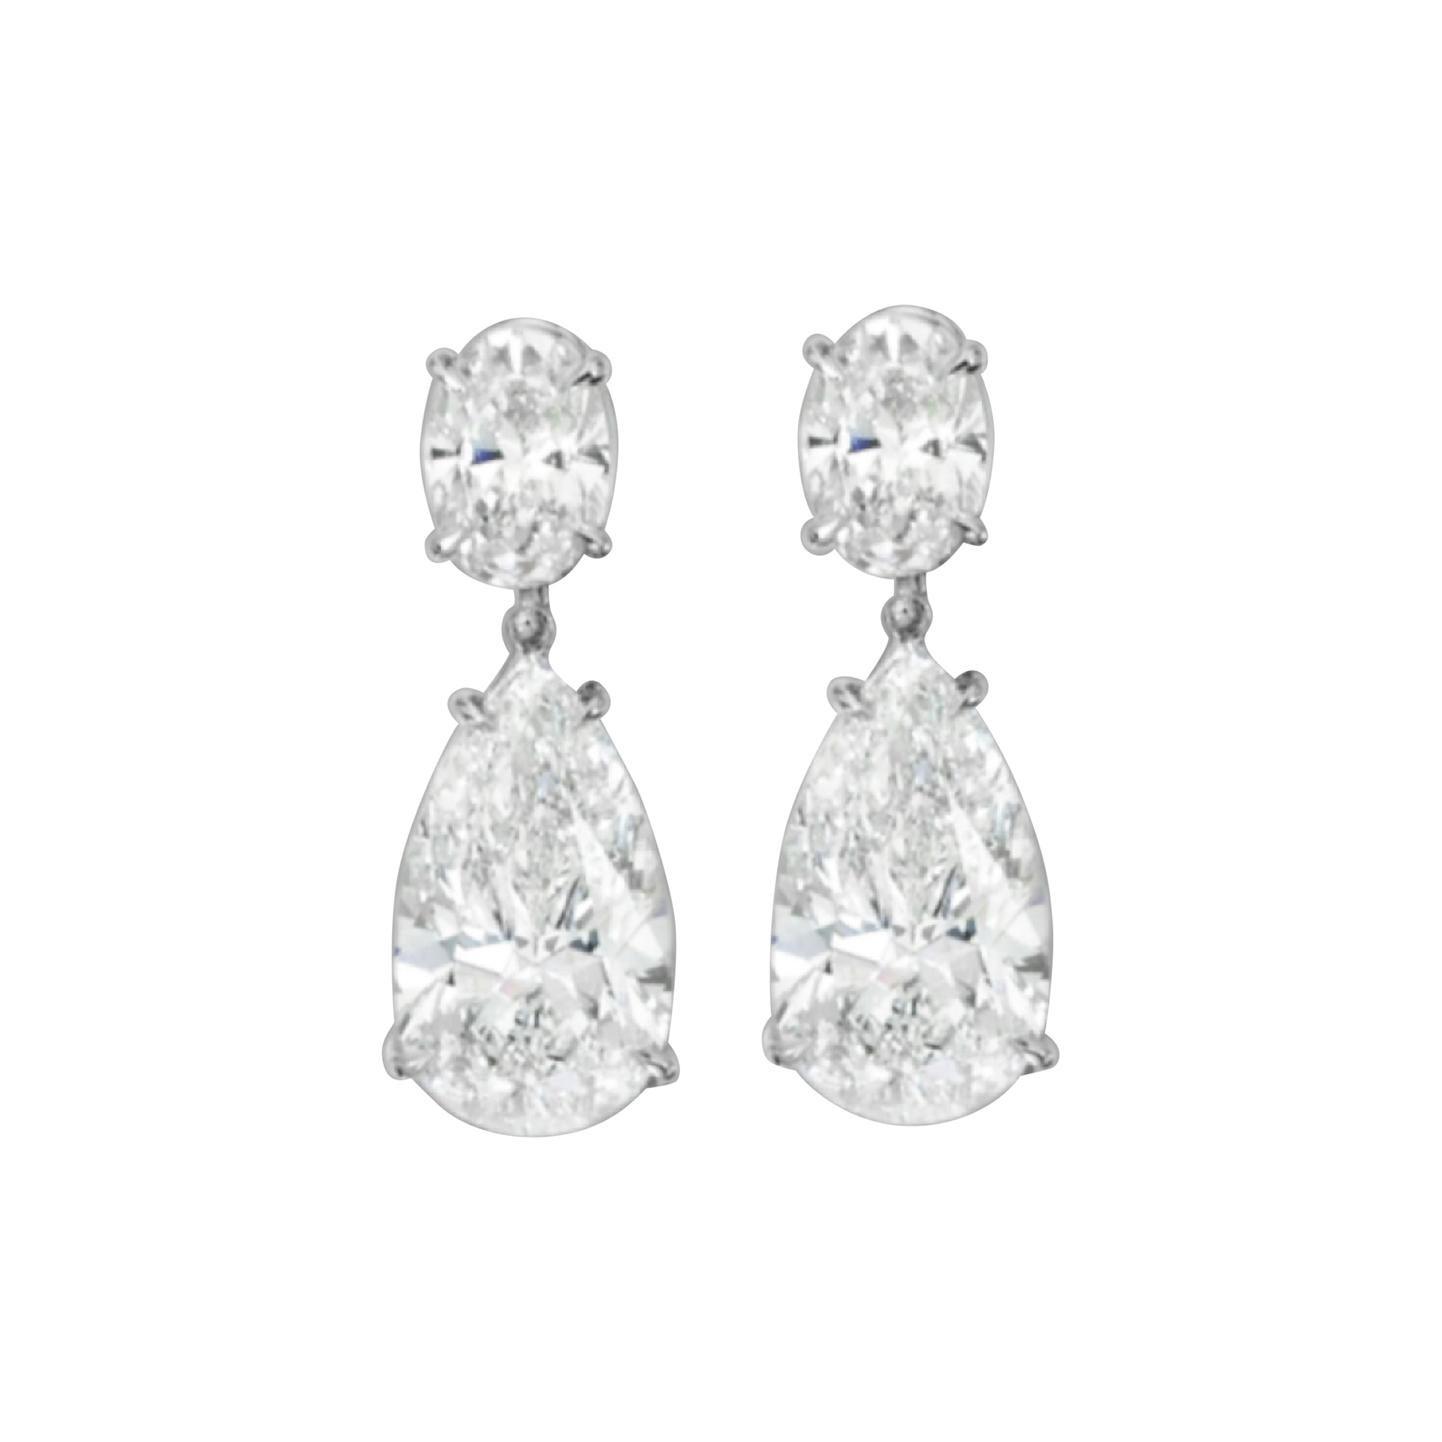 GIA Certified 5 Carat Oval Pear Cut Dangle Earrings